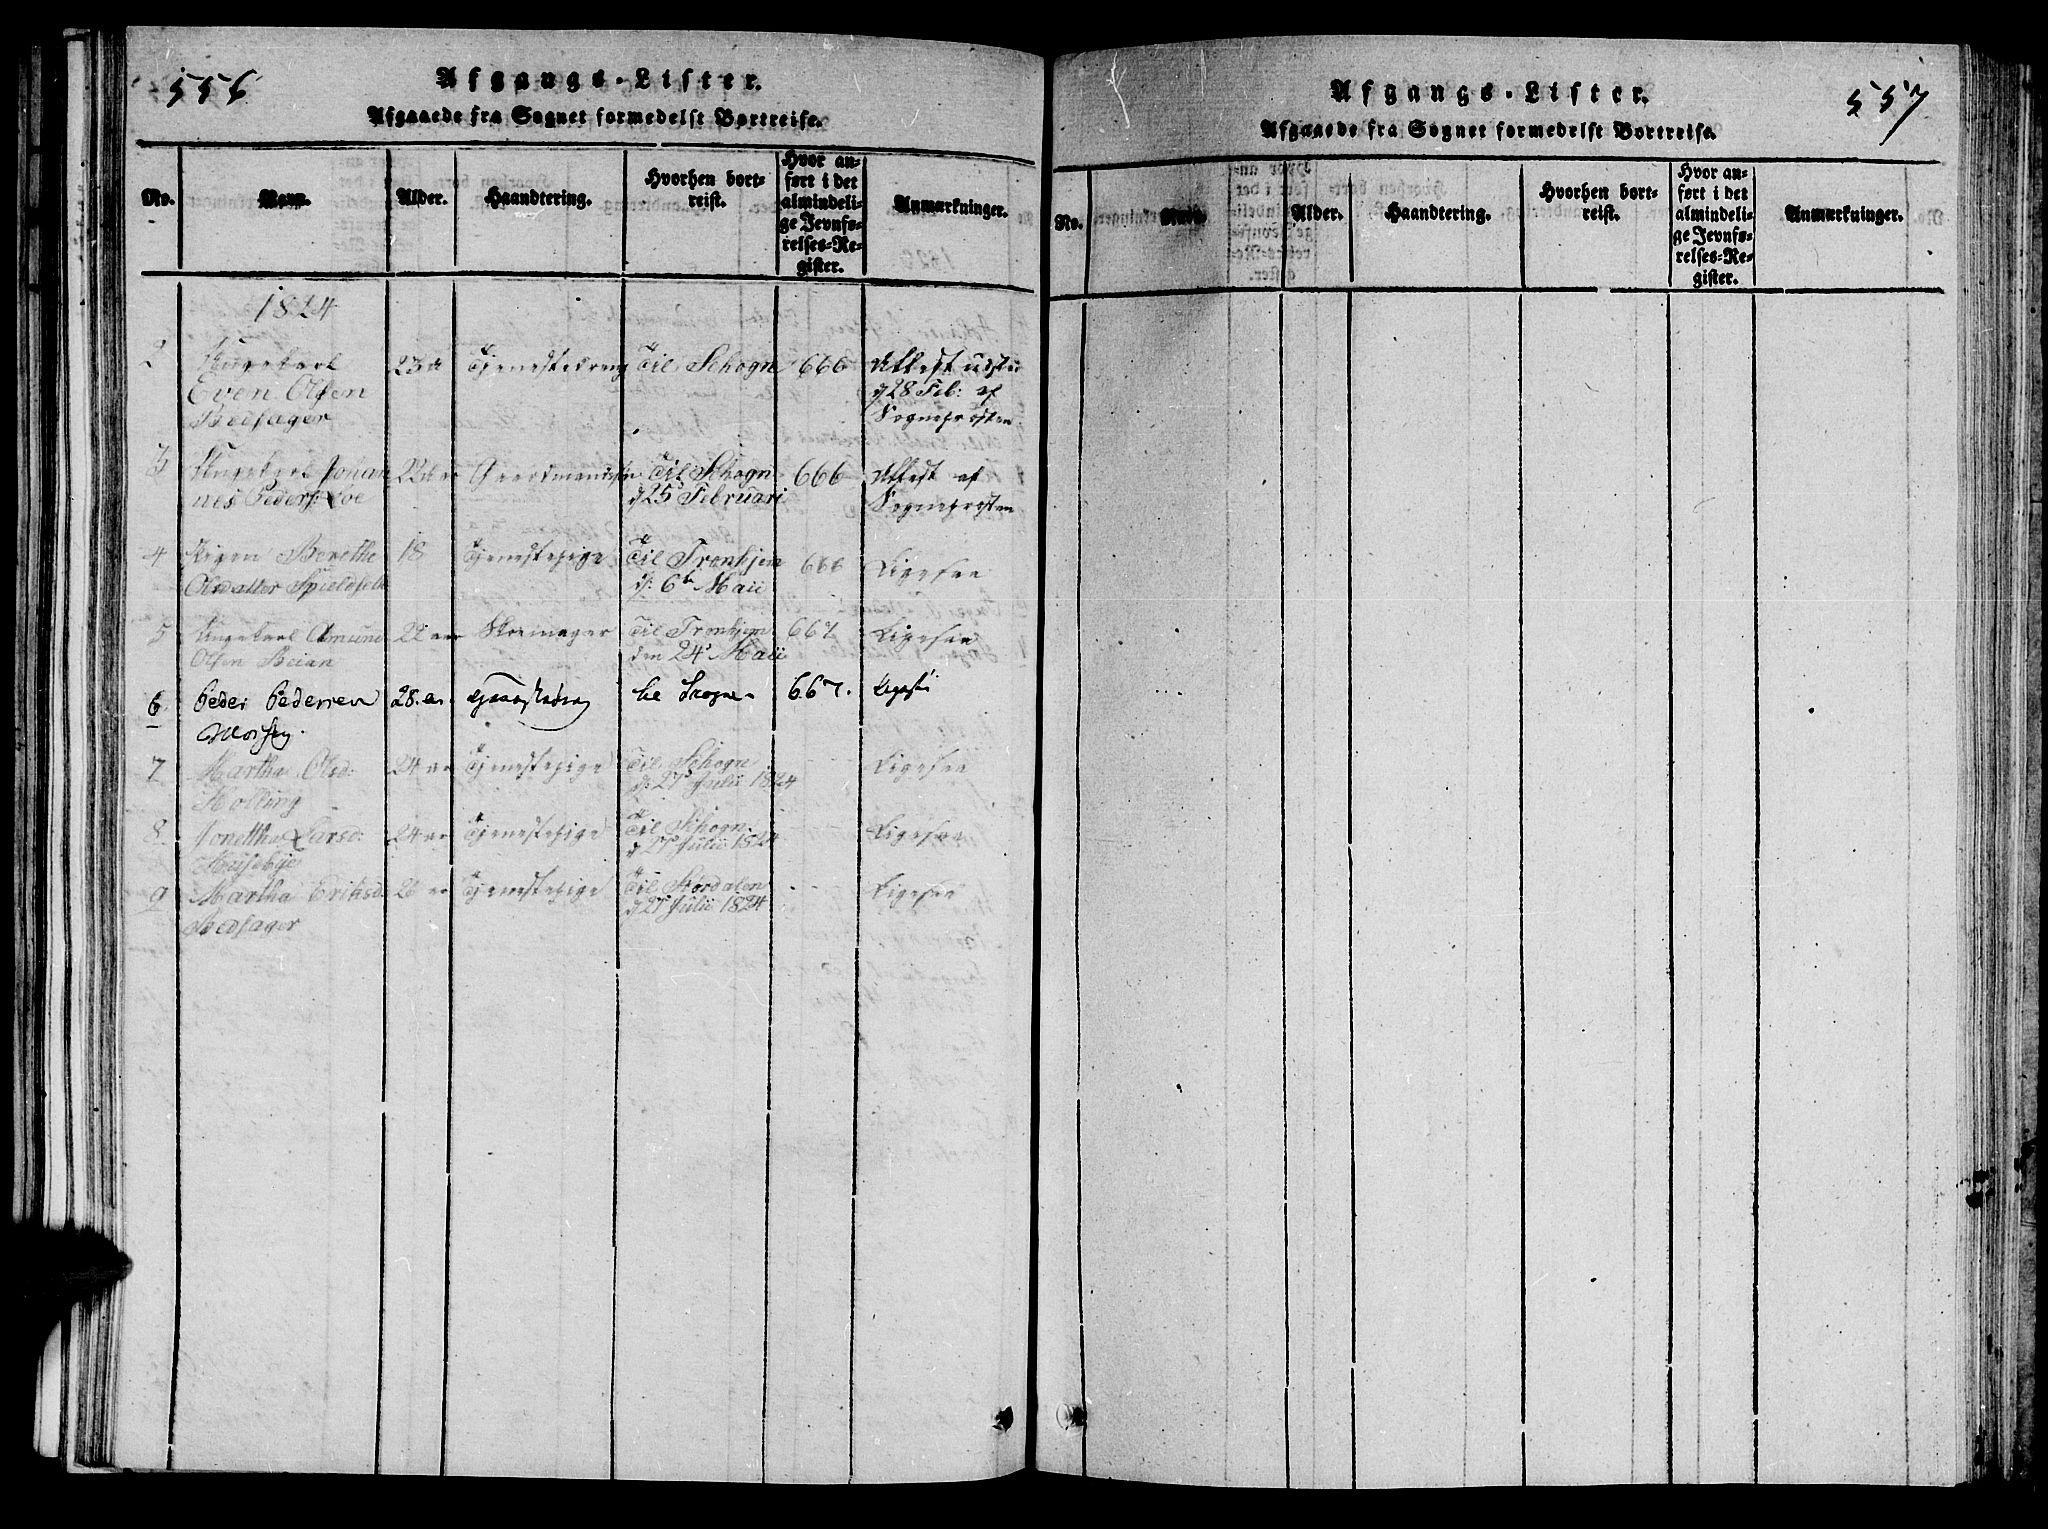 SAT, Ministerialprotokoller, klokkerbøker og fødselsregistre - Nord-Trøndelag, 714/L0132: Klokkerbok nr. 714C01, 1817-1824, s. 556-557